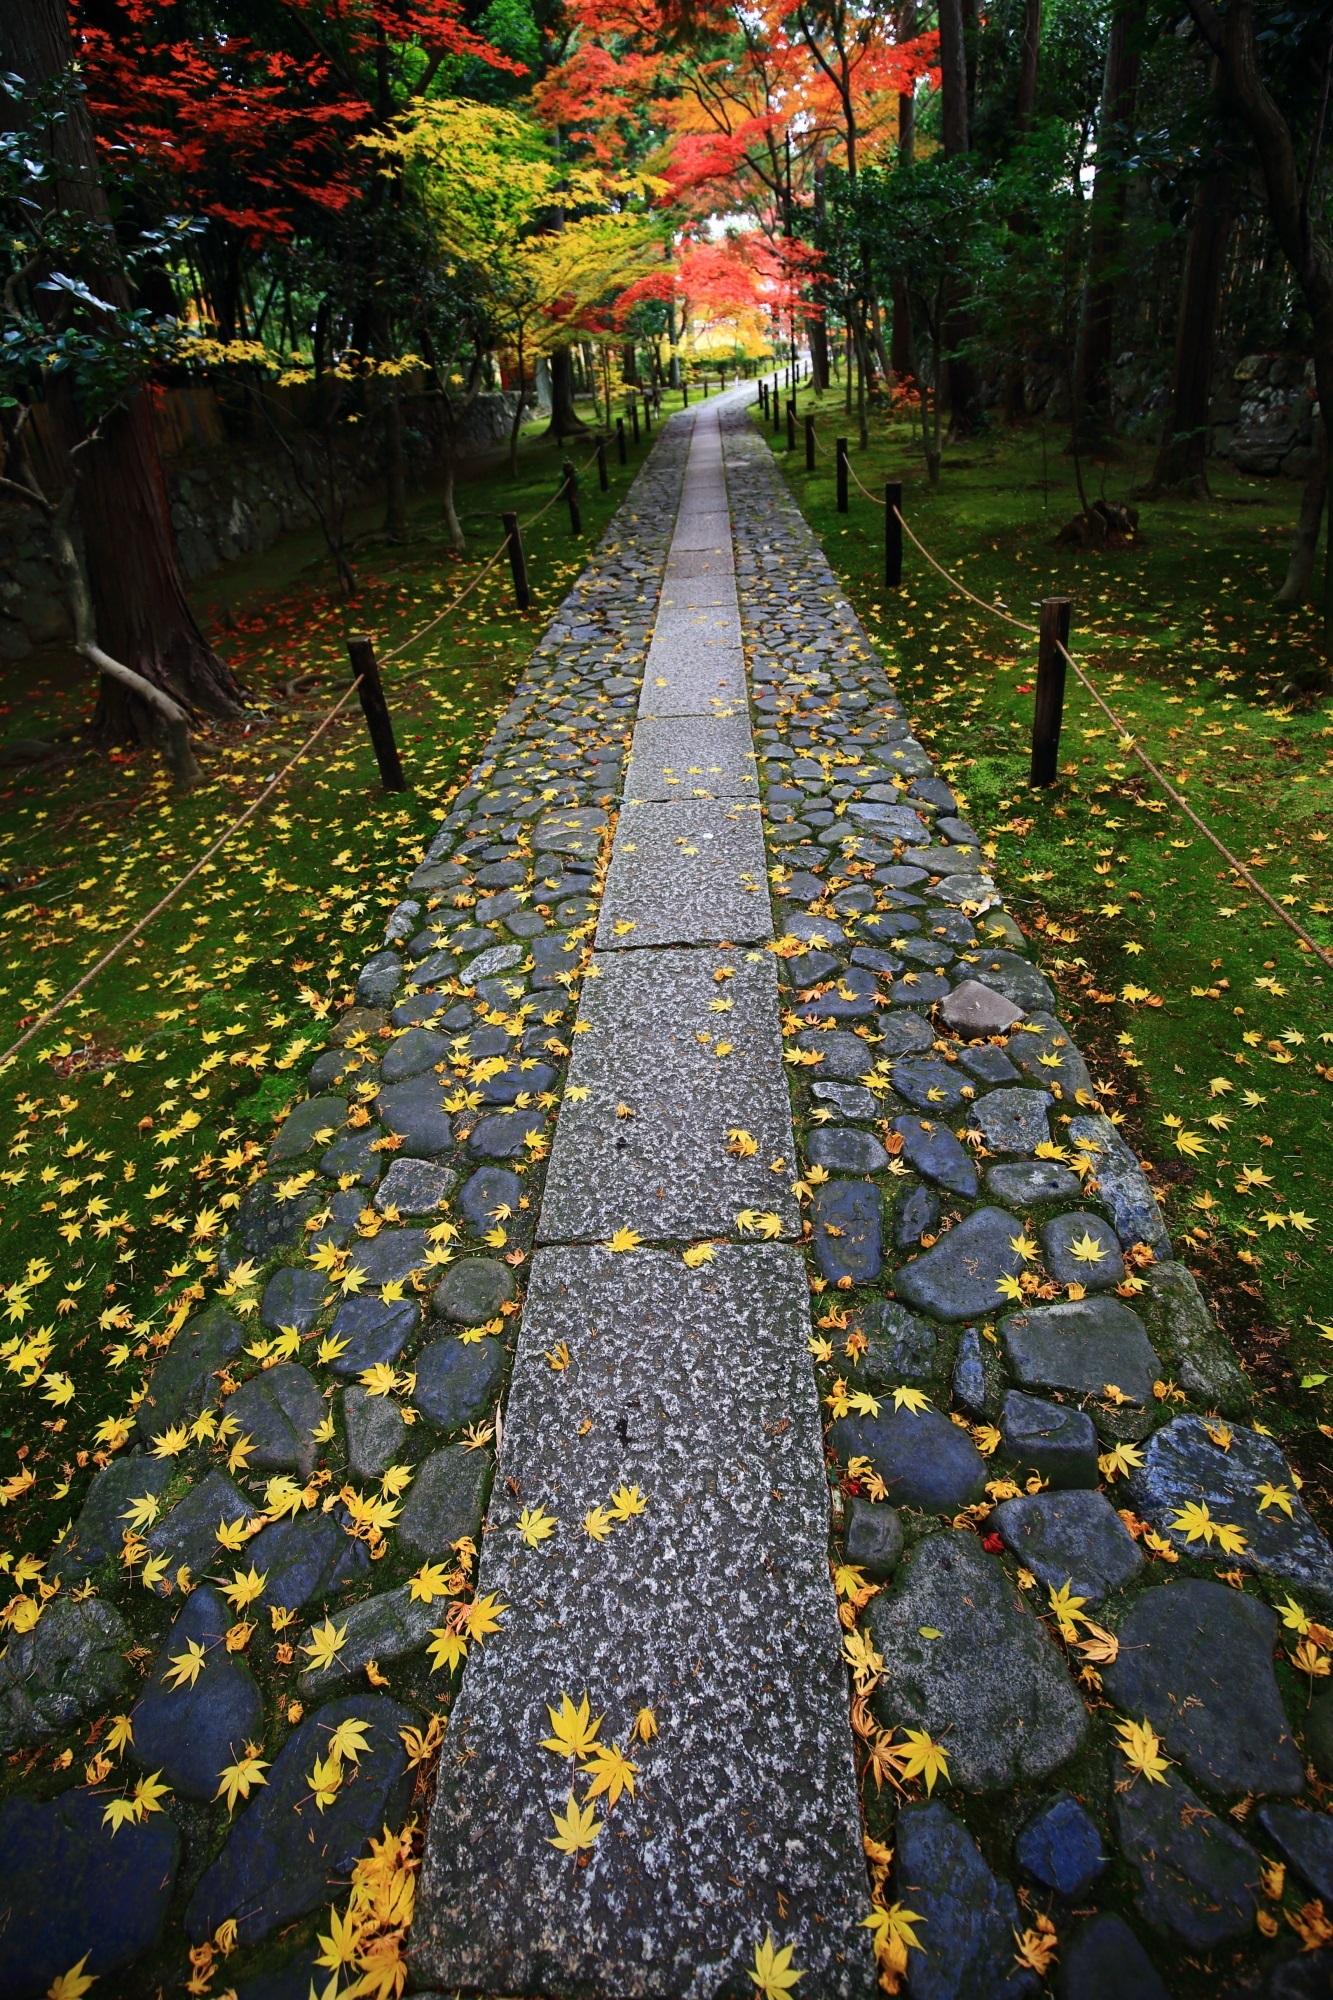 鹿王院(ろくおういん)の参道の鮮やかな散り紅葉